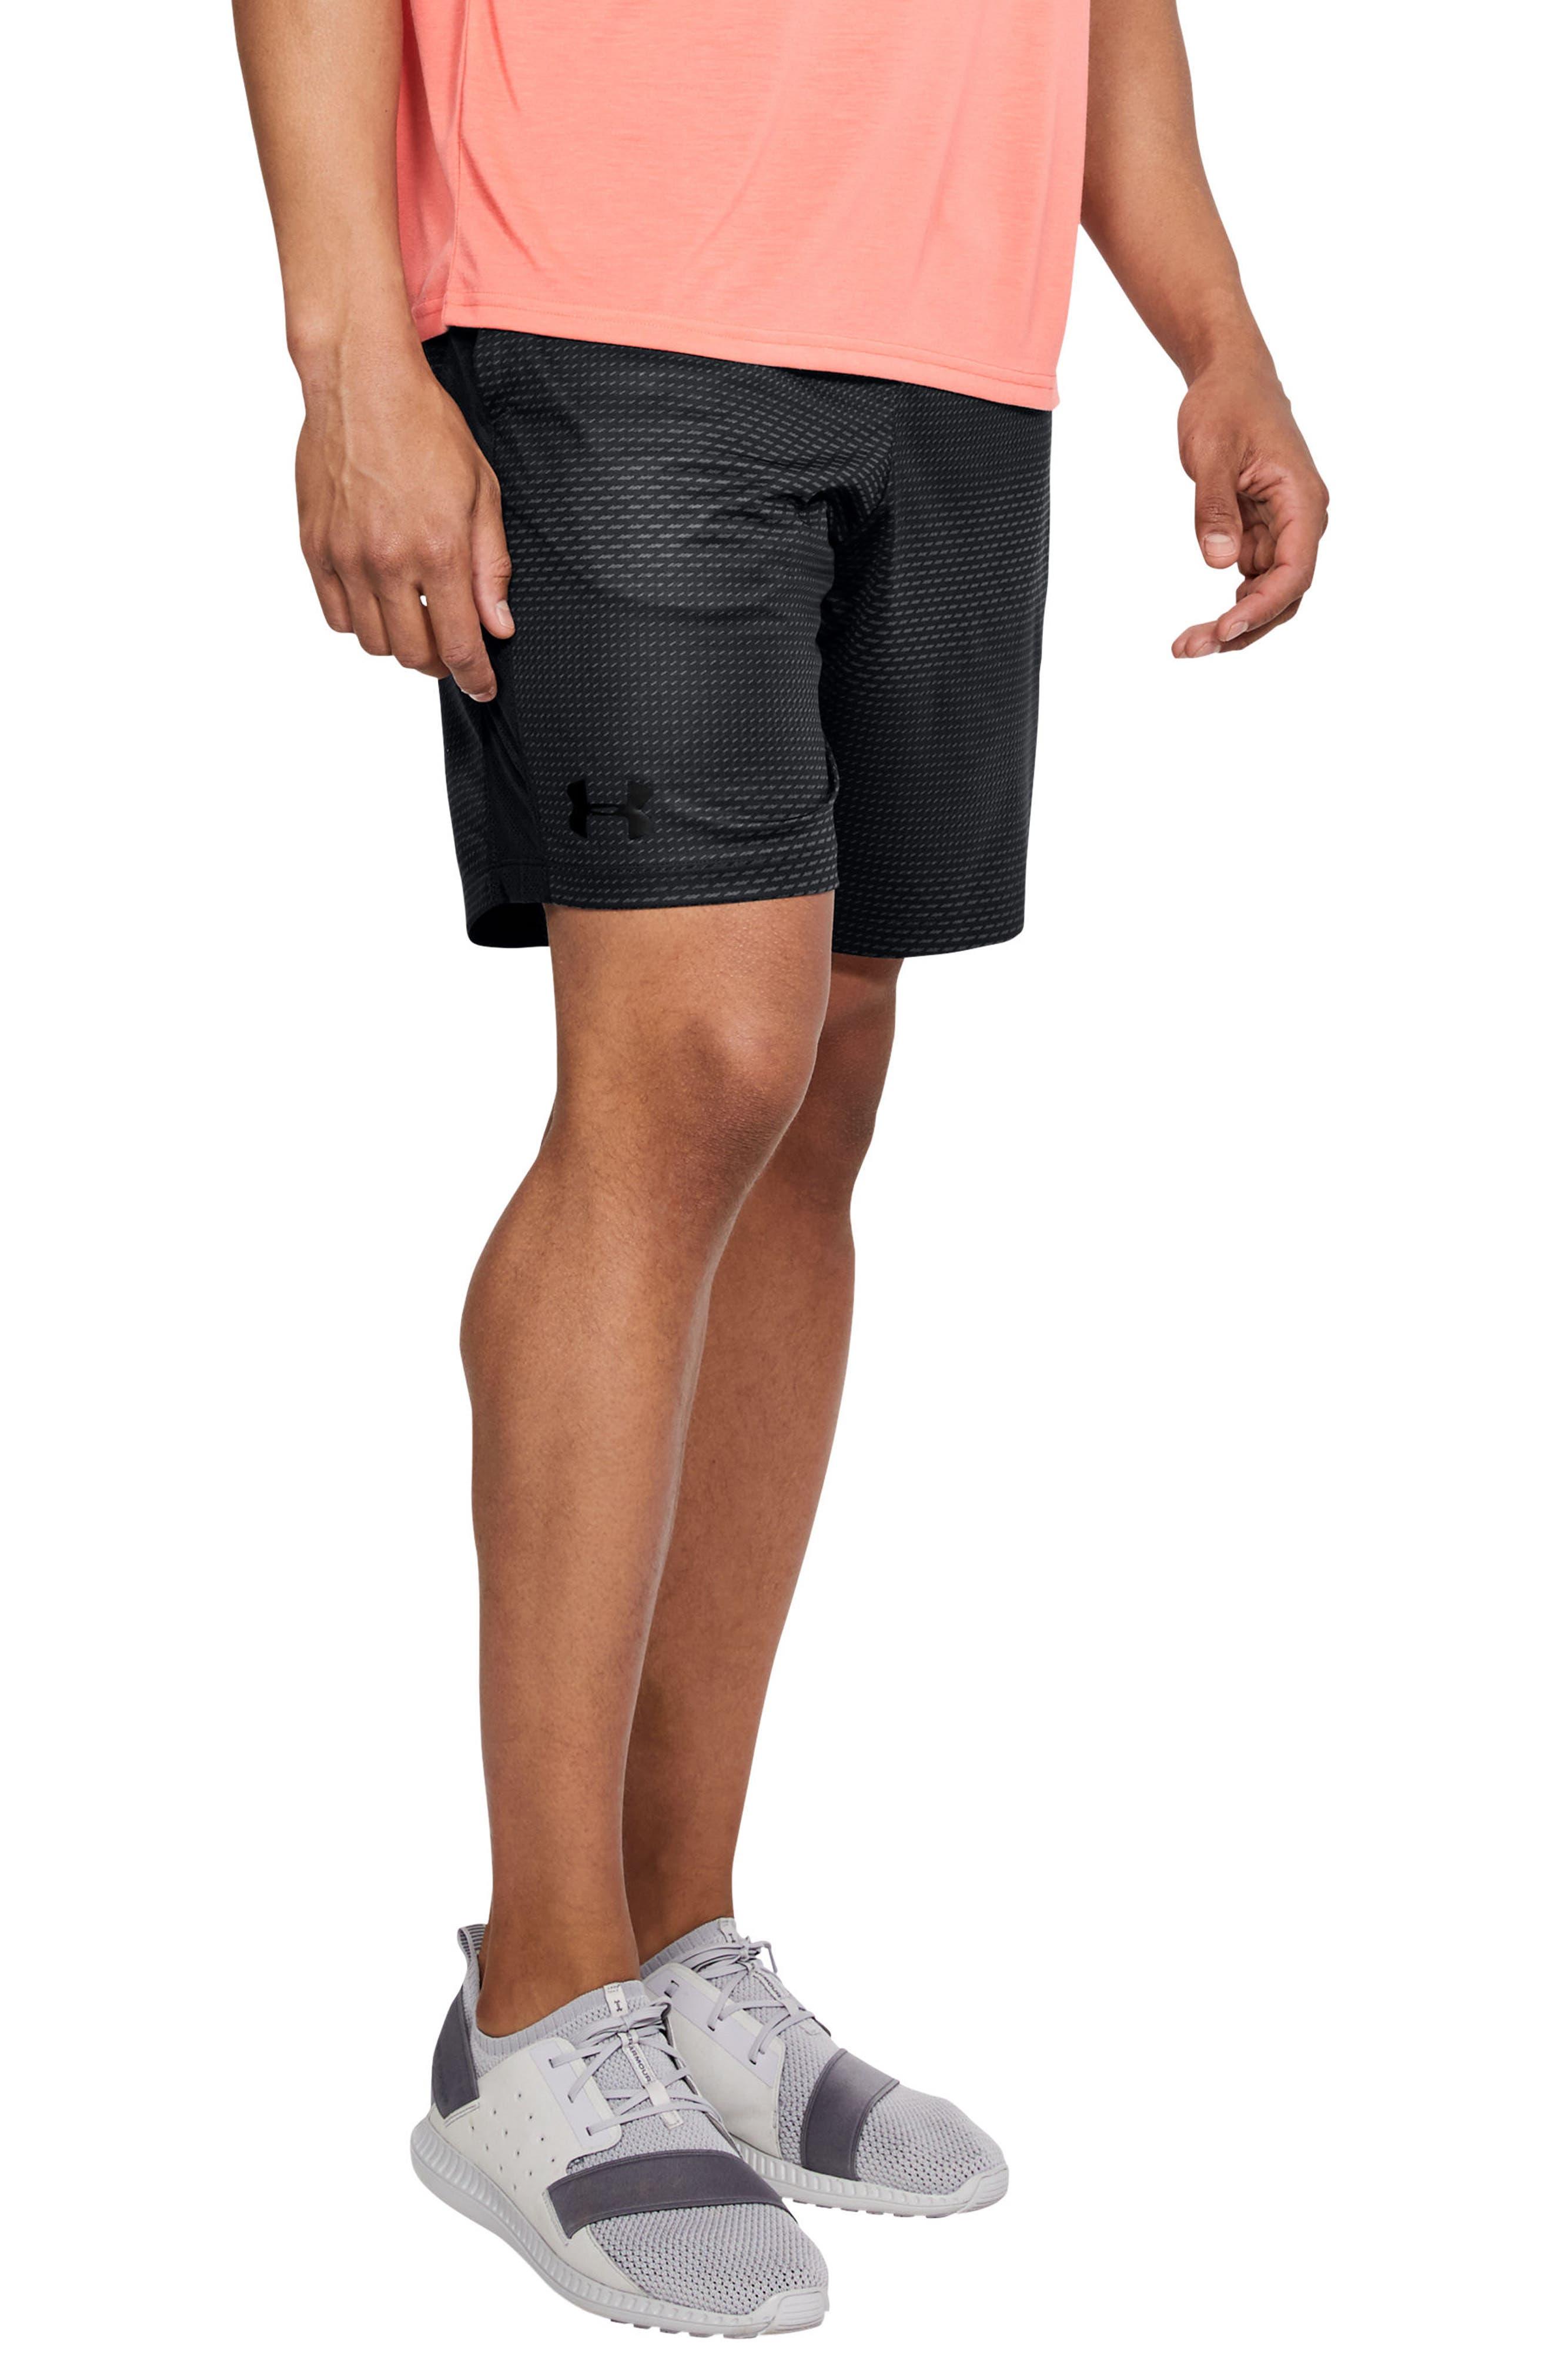 Raid 2.0 Classic Fit Shorts,                             Main thumbnail 1, color,                             BLACK/ BLACK/ BLACK